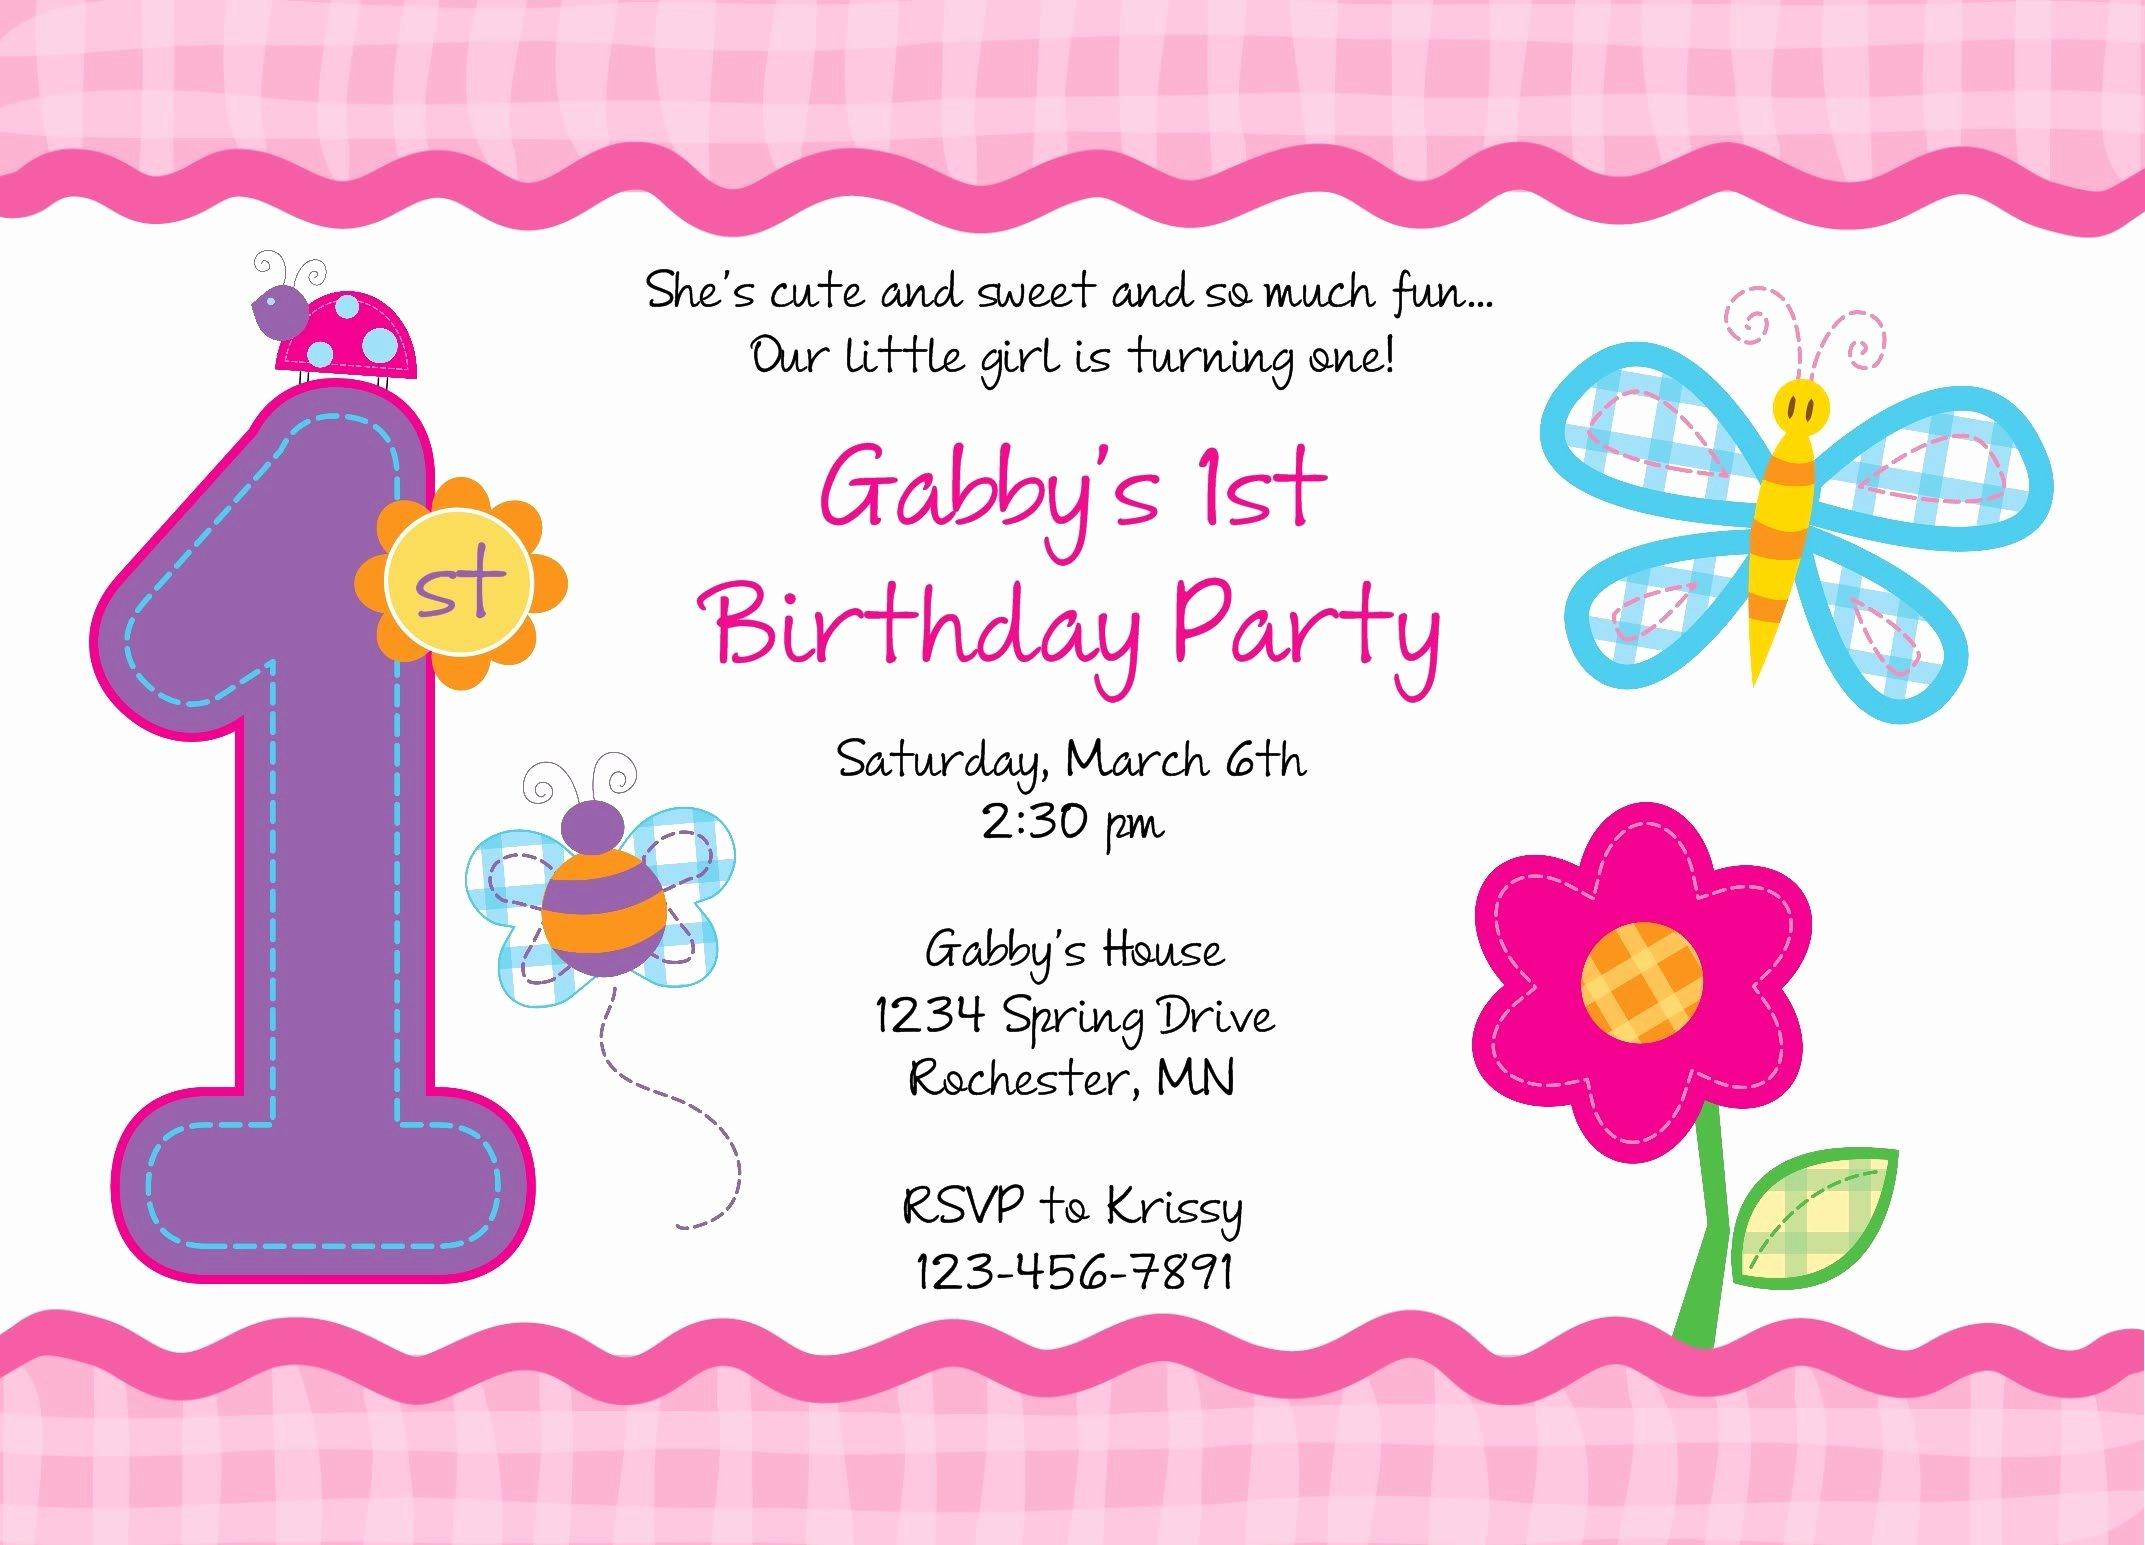 First Birthday Invitation Template Unique First Birthday Party Invitations Templates Free